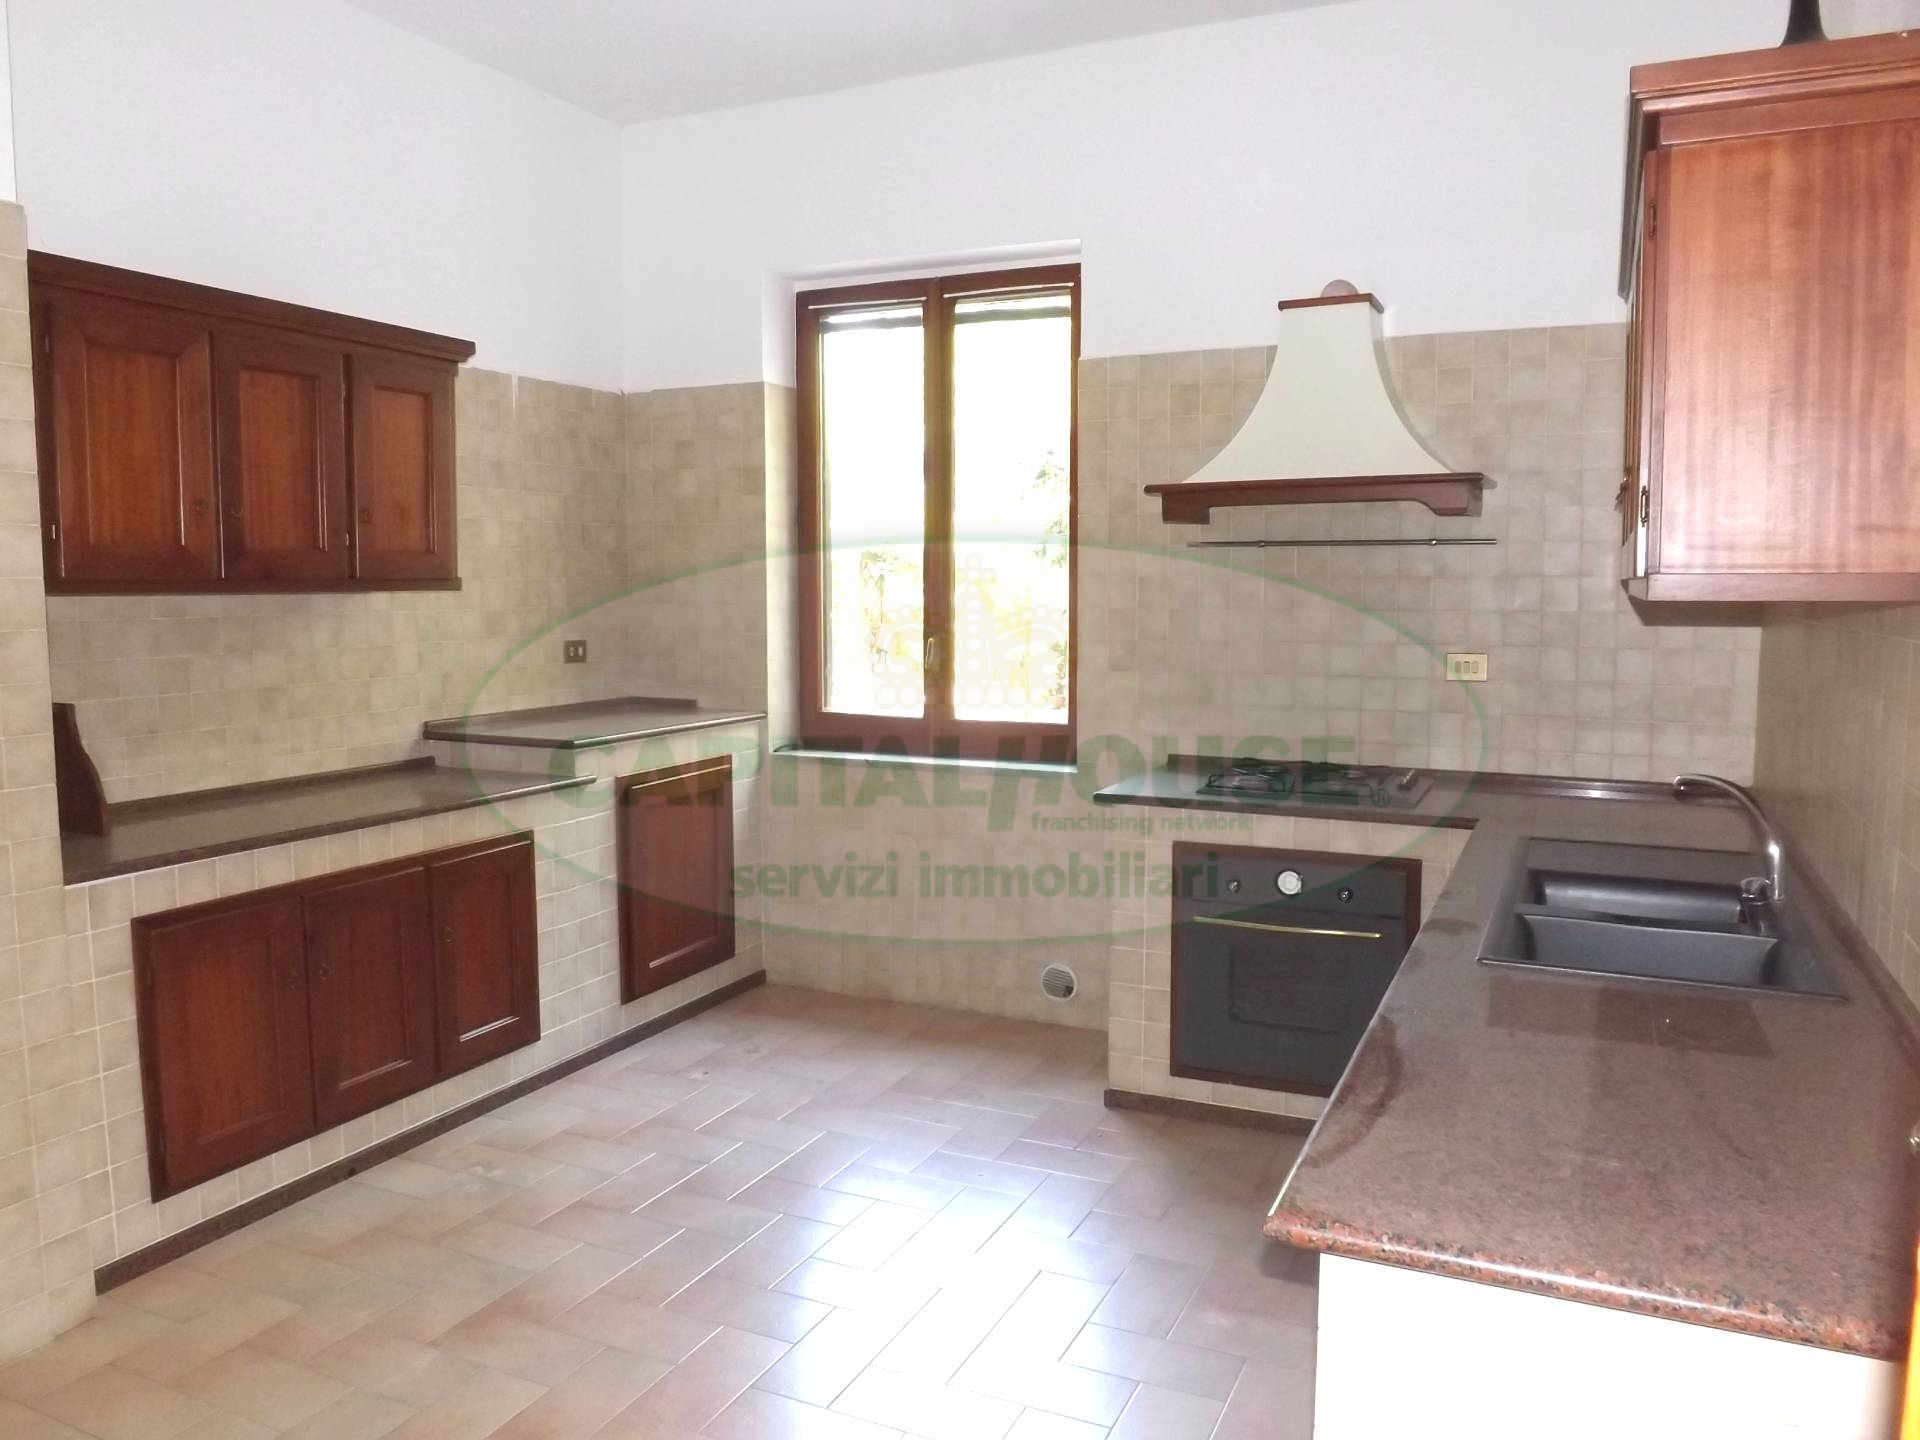 Appartamento in affitto a Manocalzati, 3 locali, prezzo € 400 | Cambio Casa.it